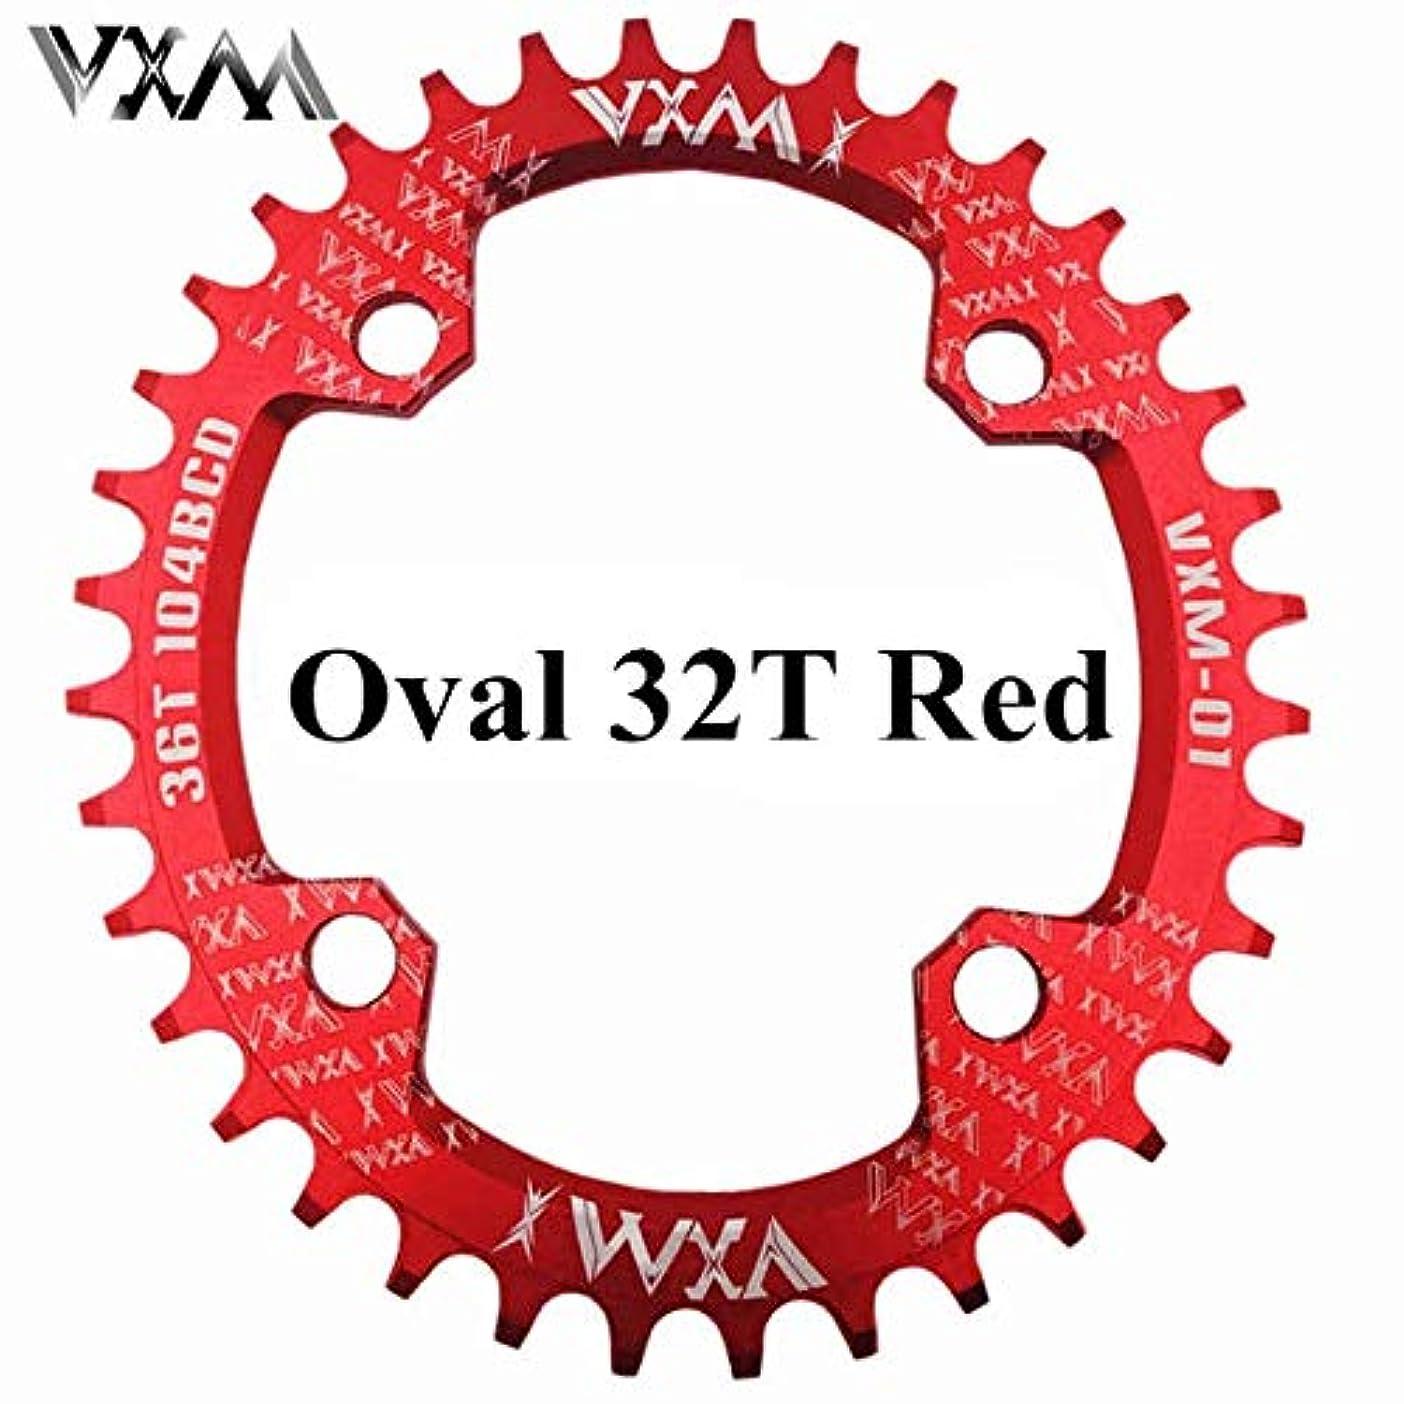 生活定説軽減Propenary - 自転車104BCDクランクオーバルラウンド30T 32T 34T 36T 38T 40T 42T 44T 46T 48T 50T 52TチェーンホイールXT狭い広い自転車チェーンリング[オーバル32T...